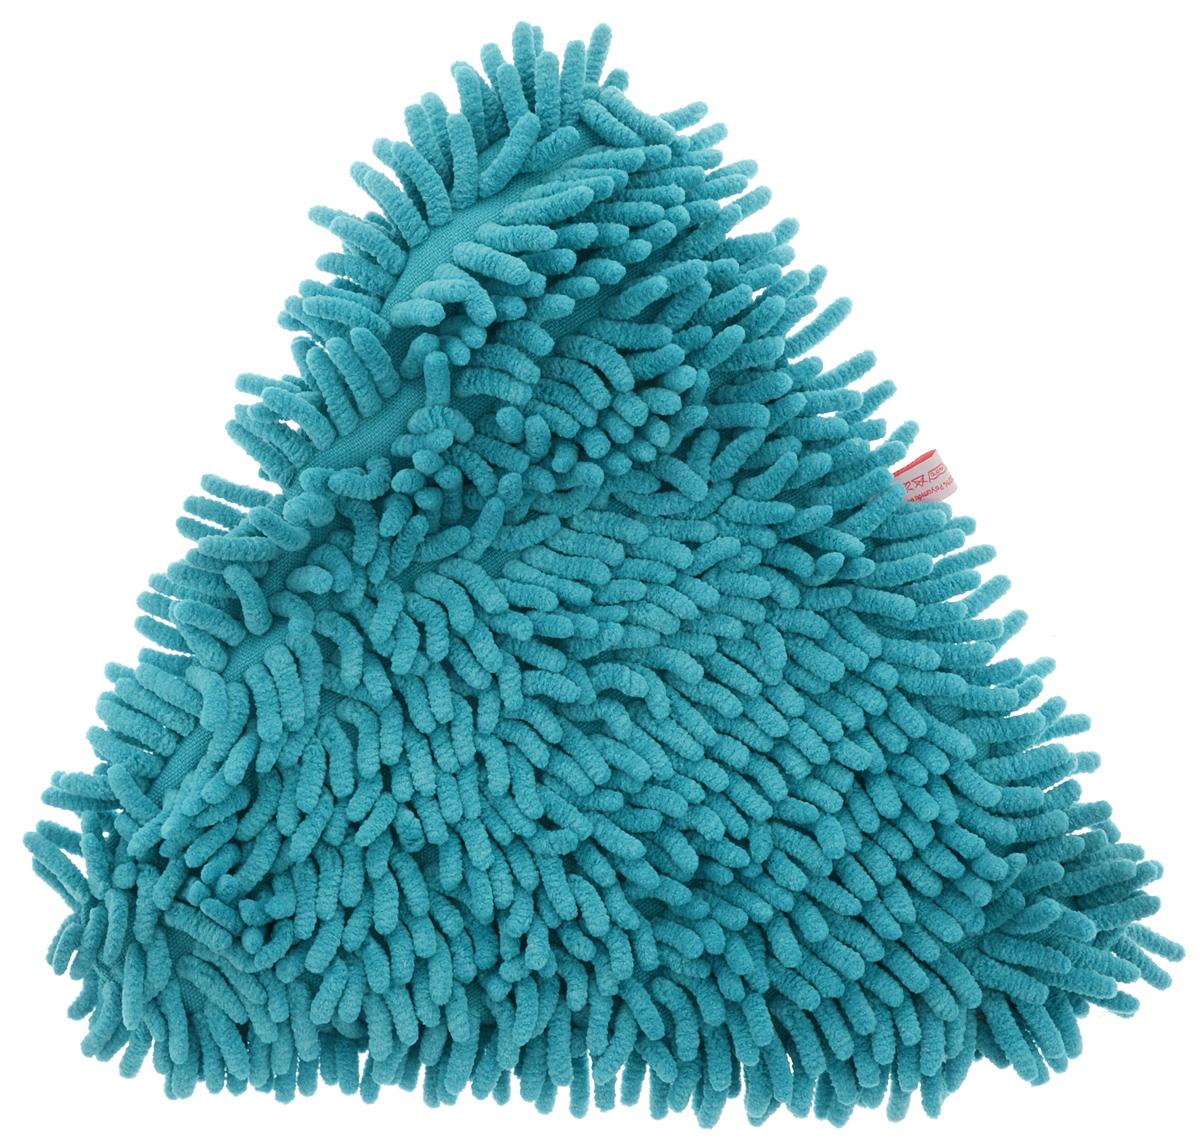 Насадка для швабры York Бермуда, сменная, цвет: бирюзовый8133_бирюзовыйСменная насадка из микрофибры York Бермуда используется для швабры на плоской подошве треугольной формы. Насадка имеет ворсистую поверхность для мгновенного удаления пыли с любого типа поверхностей. Насадка York обеспечивает высокое качество уборки без использования химии!